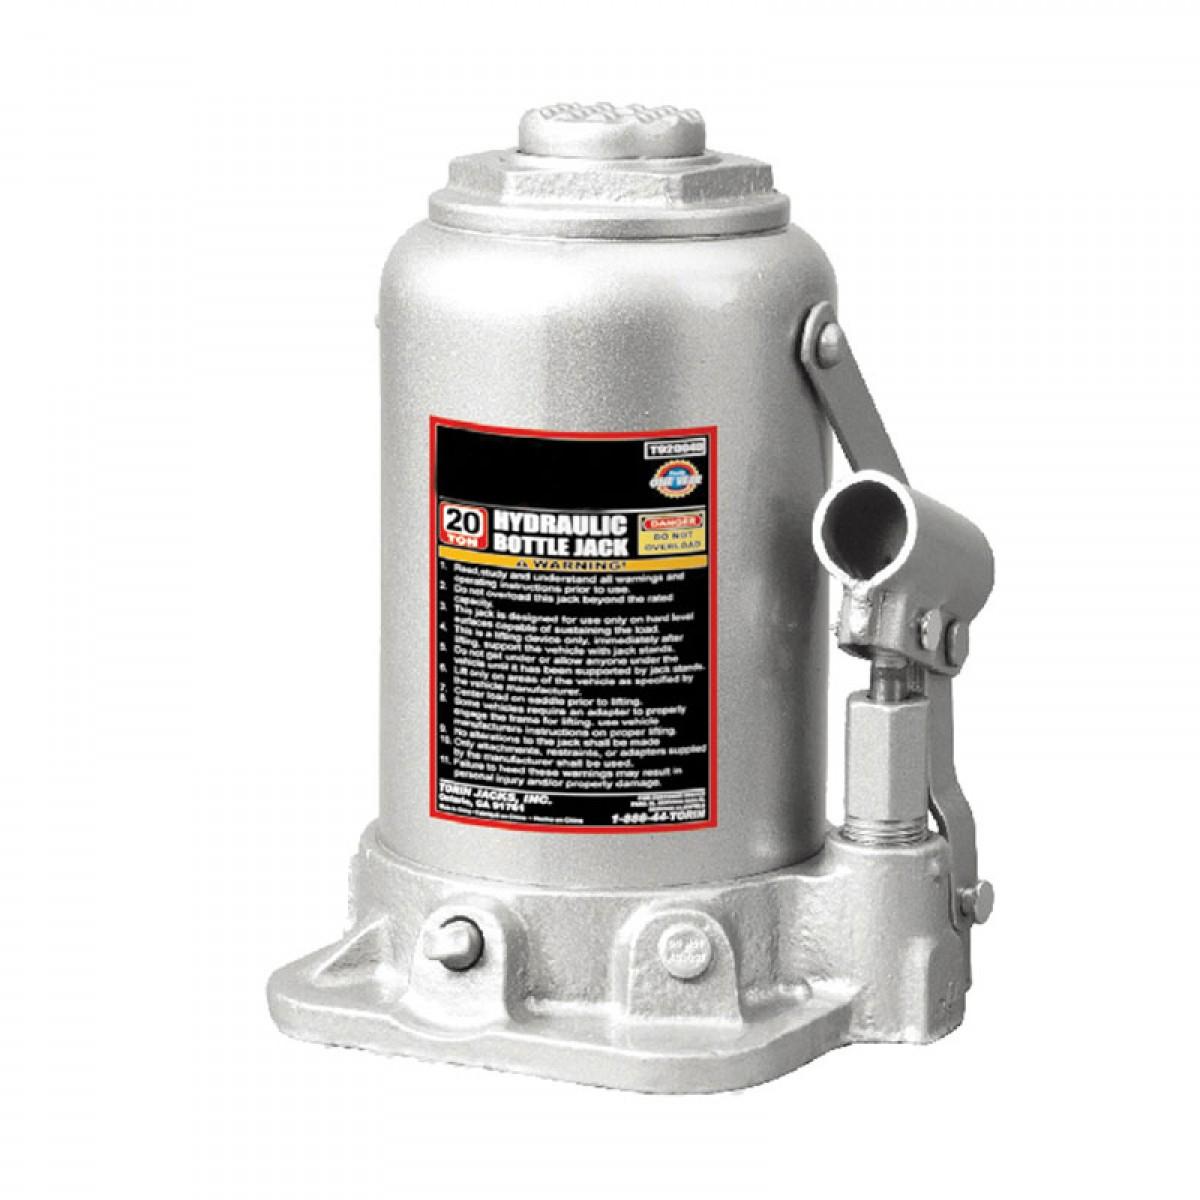 Γρύλλος μπουκάλας υδραυλικός 15 τόνων BORMANN BWR5020 Γρύλλος μπουκάλας υδραυλικός 2 τόνων BORMANN BWR5017